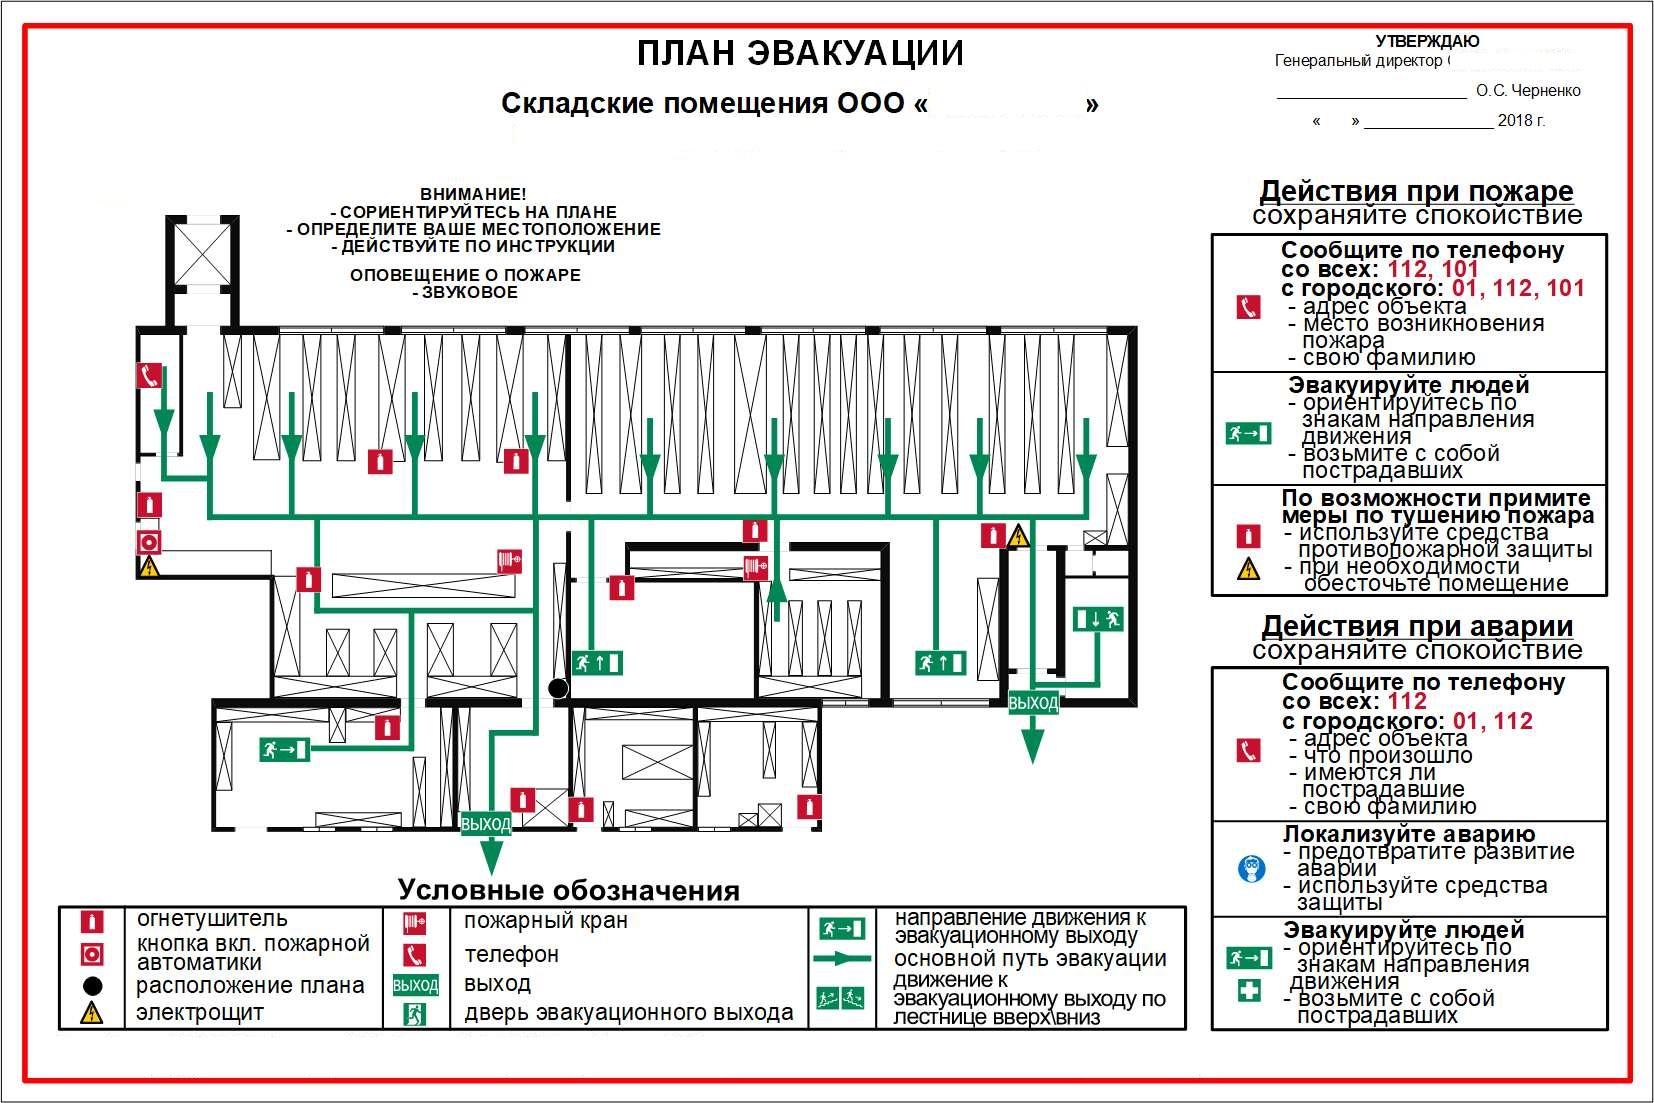 Для всех складских помещений обязательно разрабатываются планы эвакуации на случай пожара.